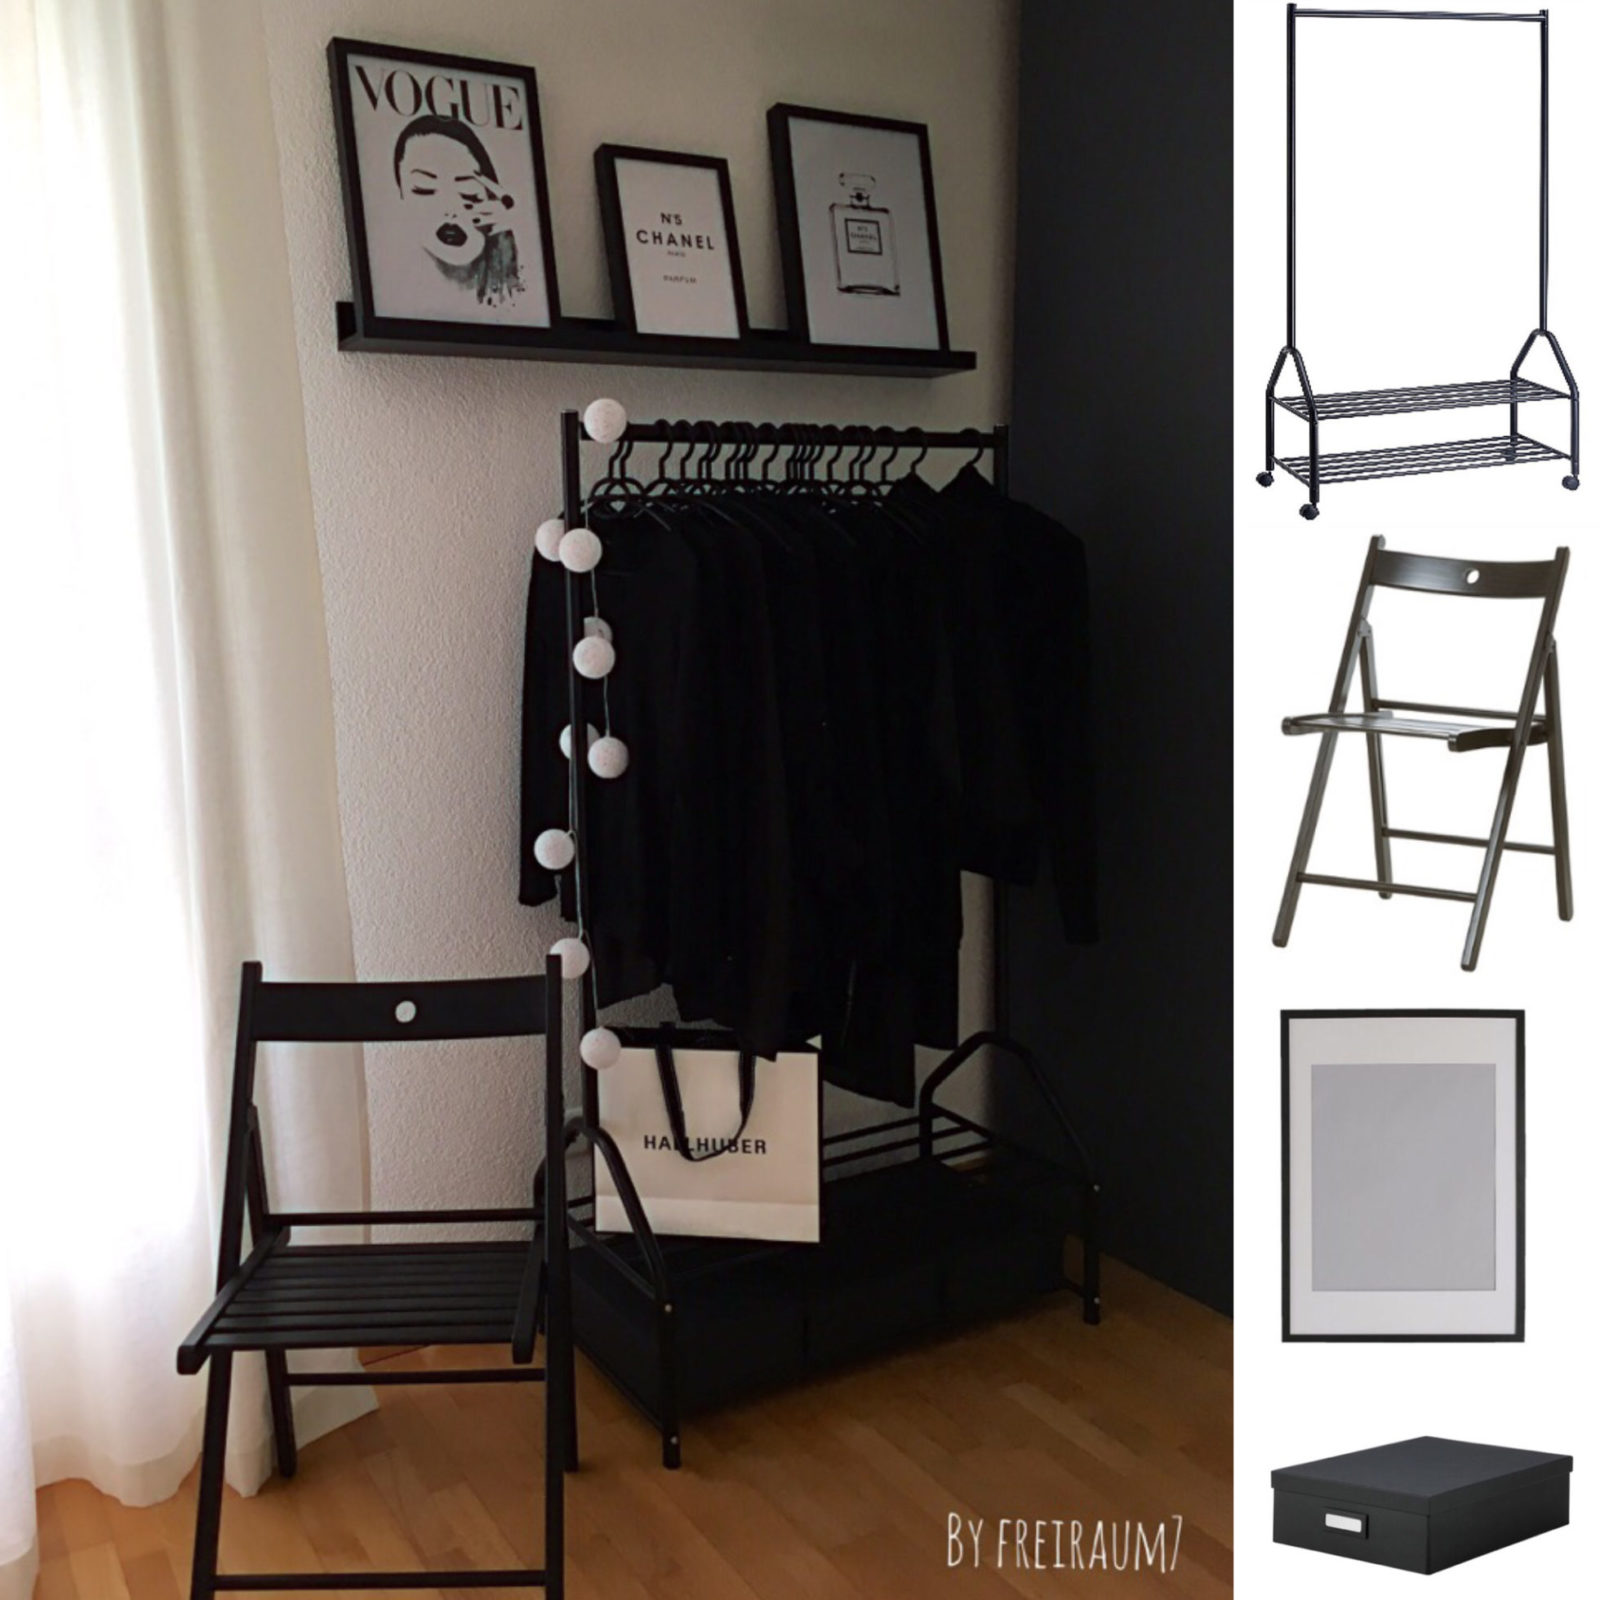 Neues jahr neues schlafzimmer freiraum7 interior design - Neues schlafzimmer ...